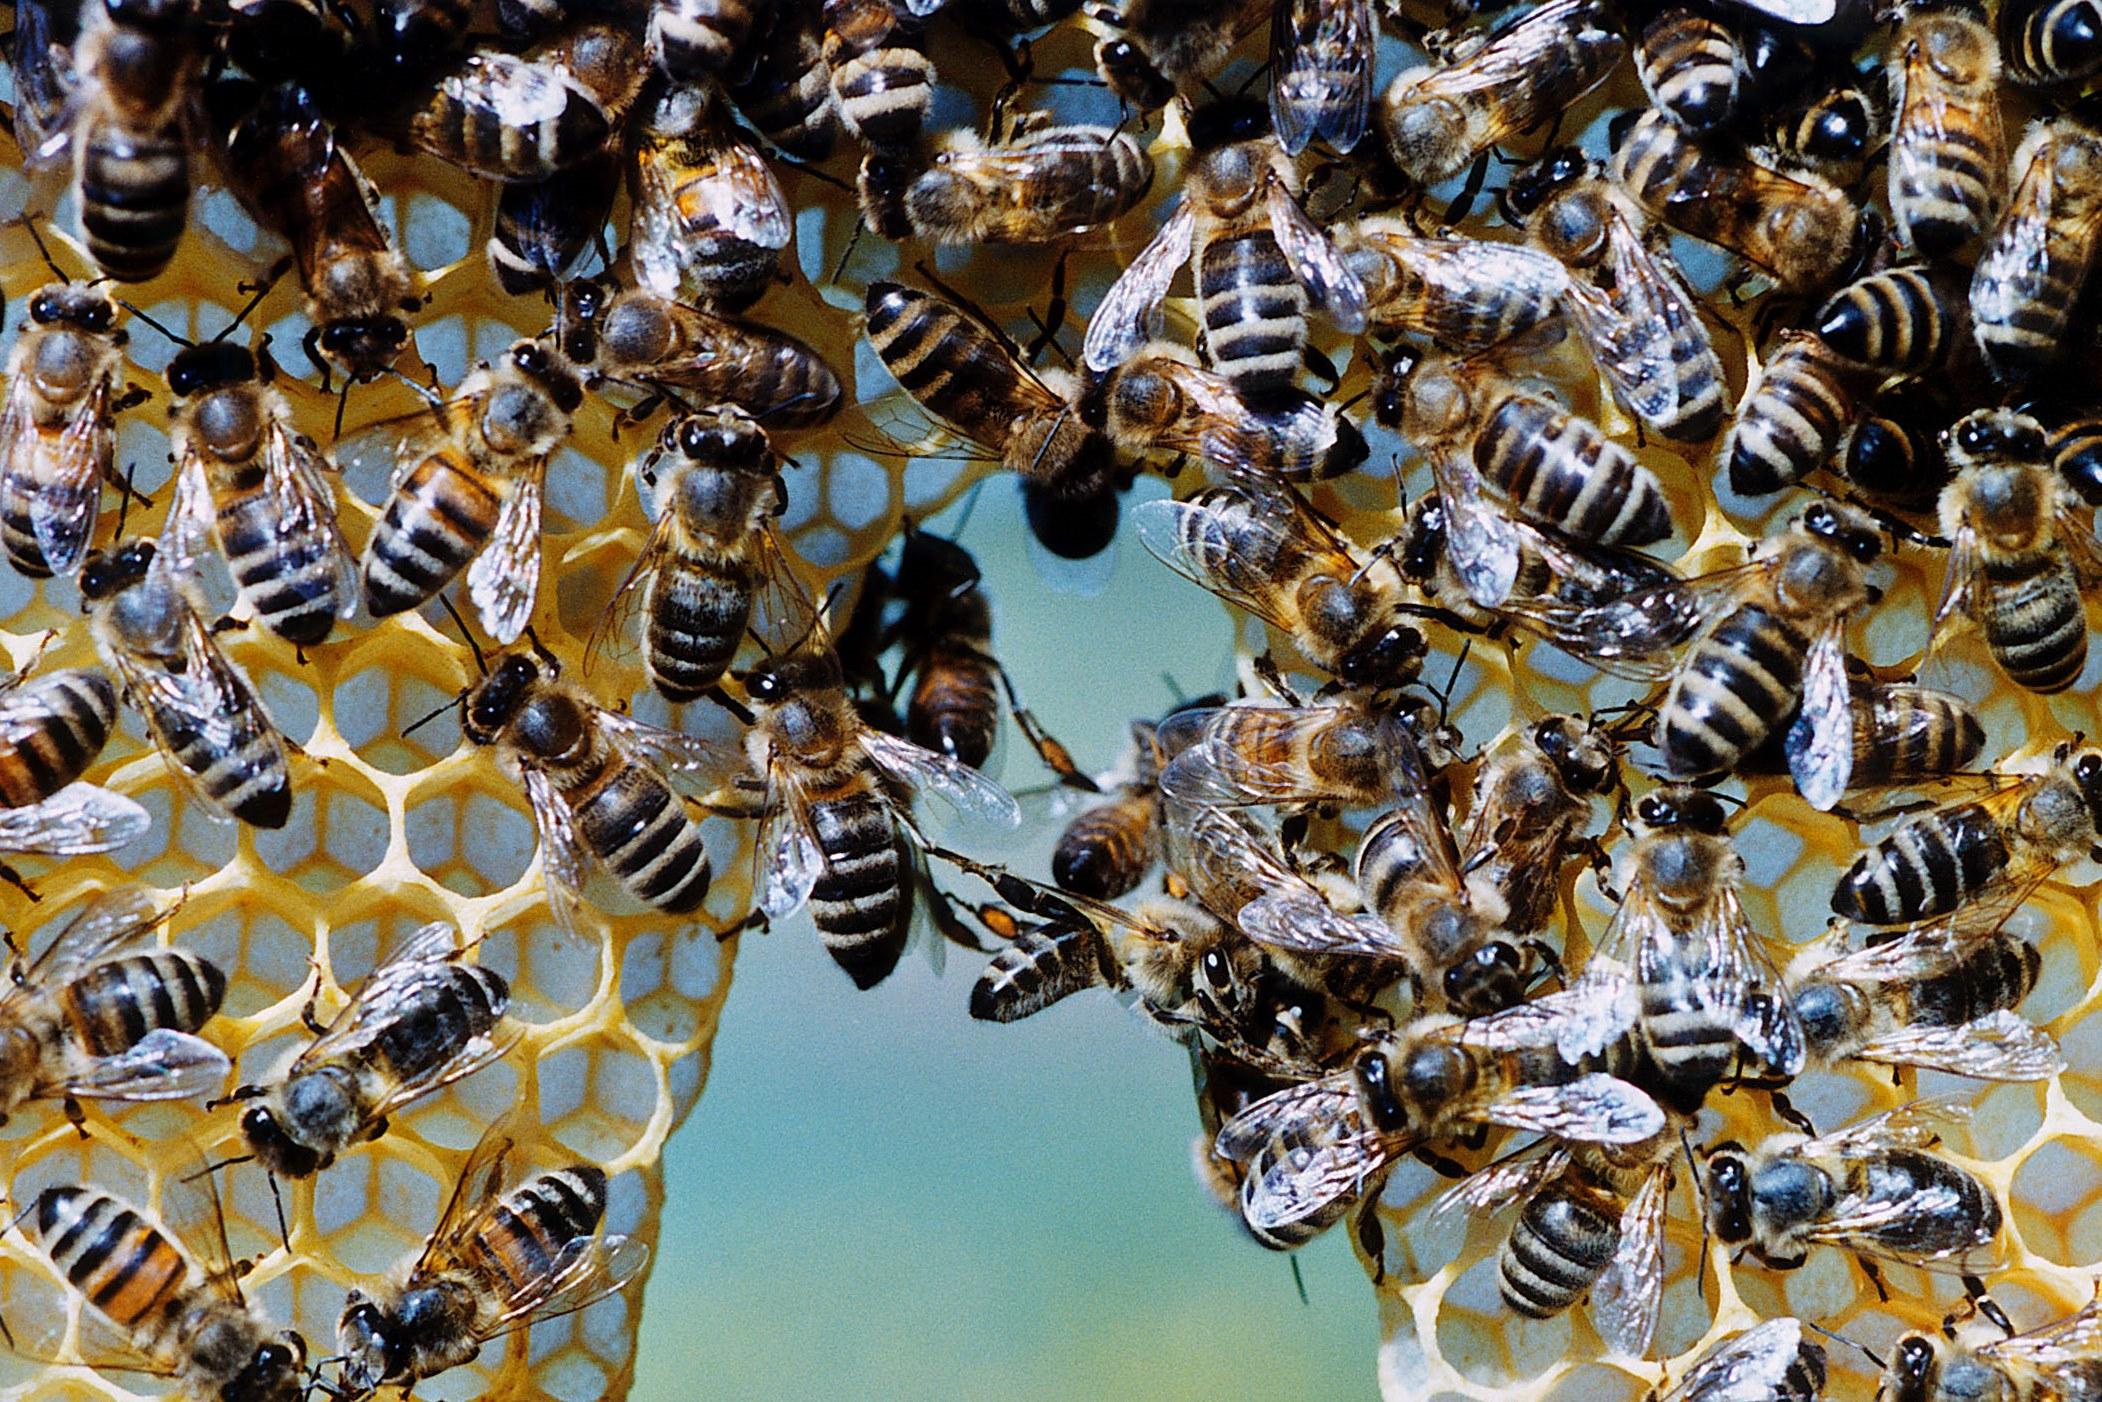 Antibakterielle Wirkung von heimischem Demeter-Honig nachgewiesen